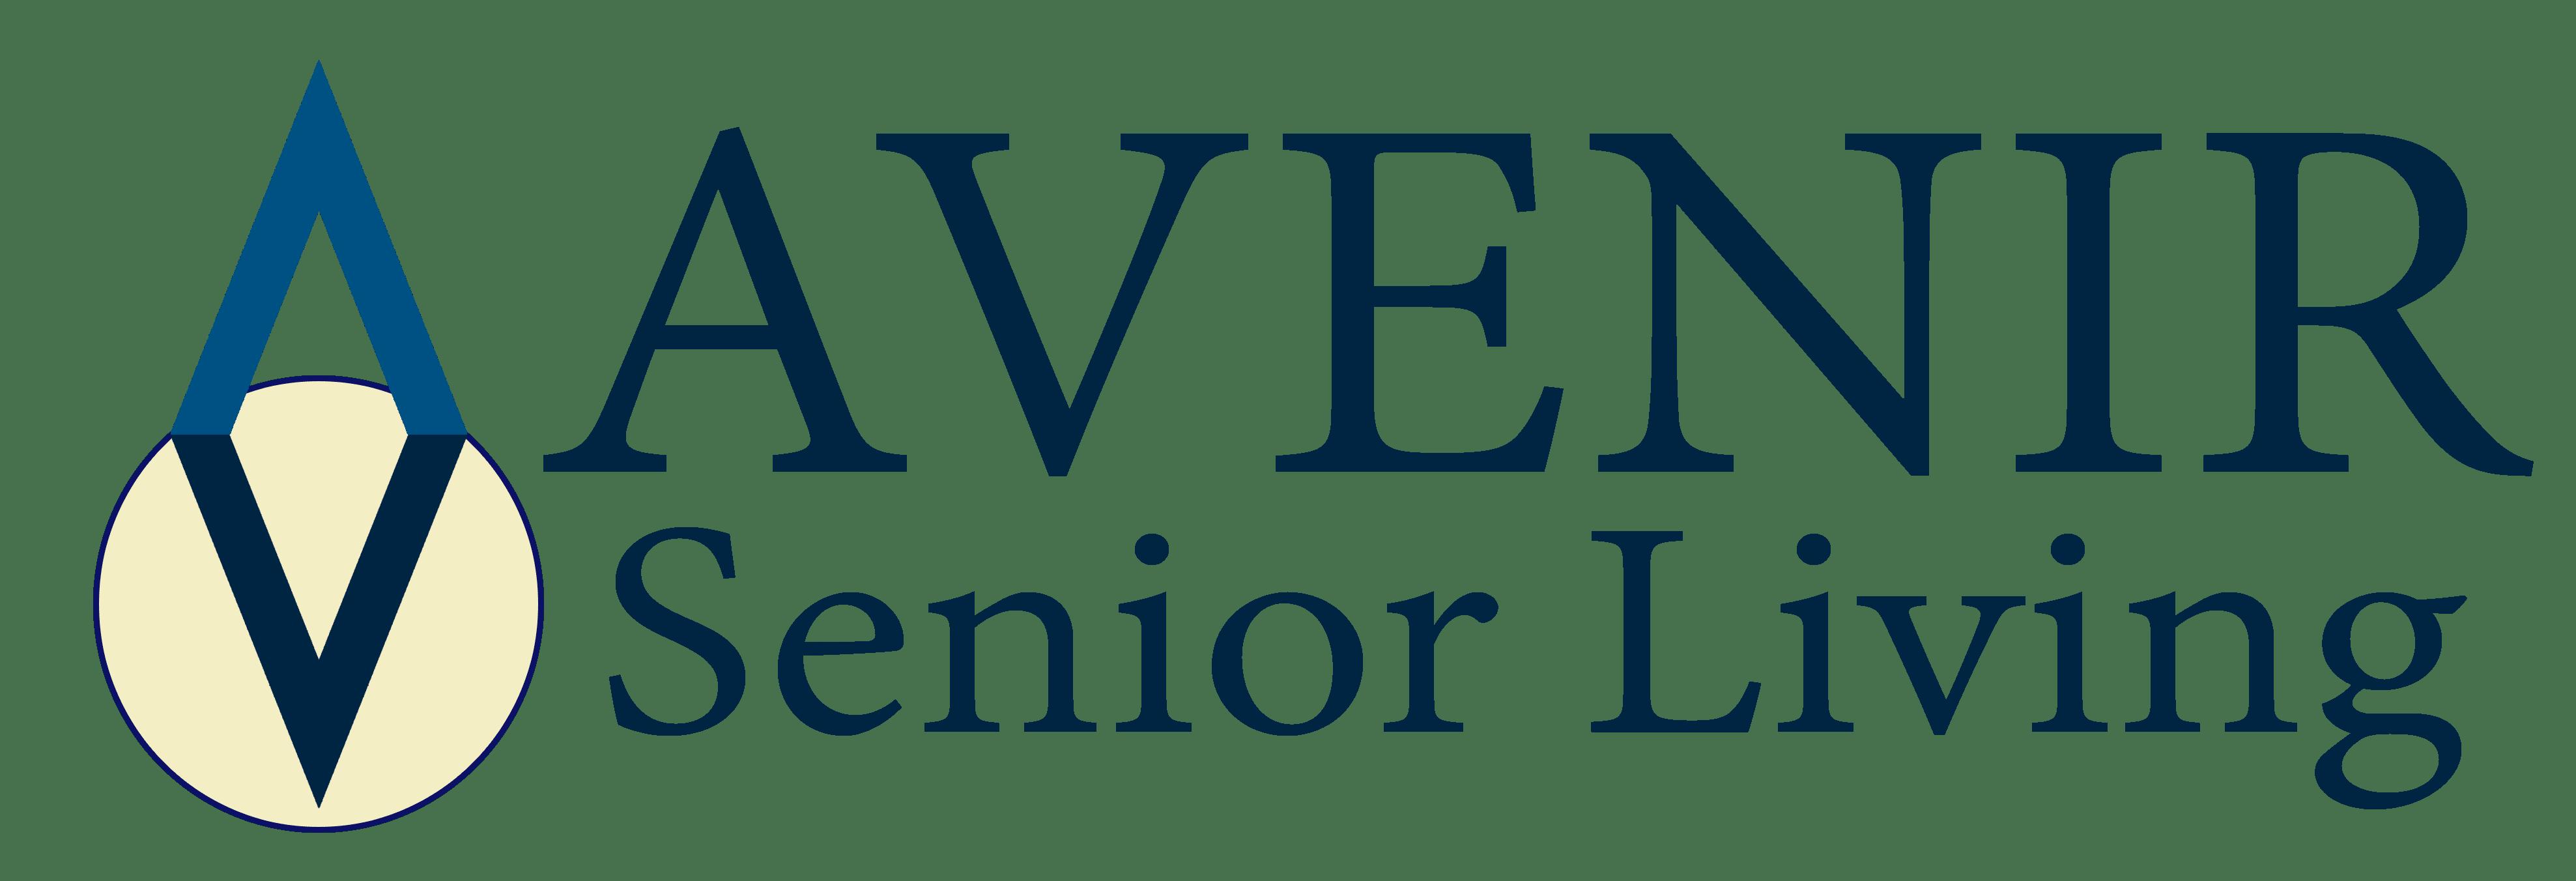 Avenir Senior Living logo